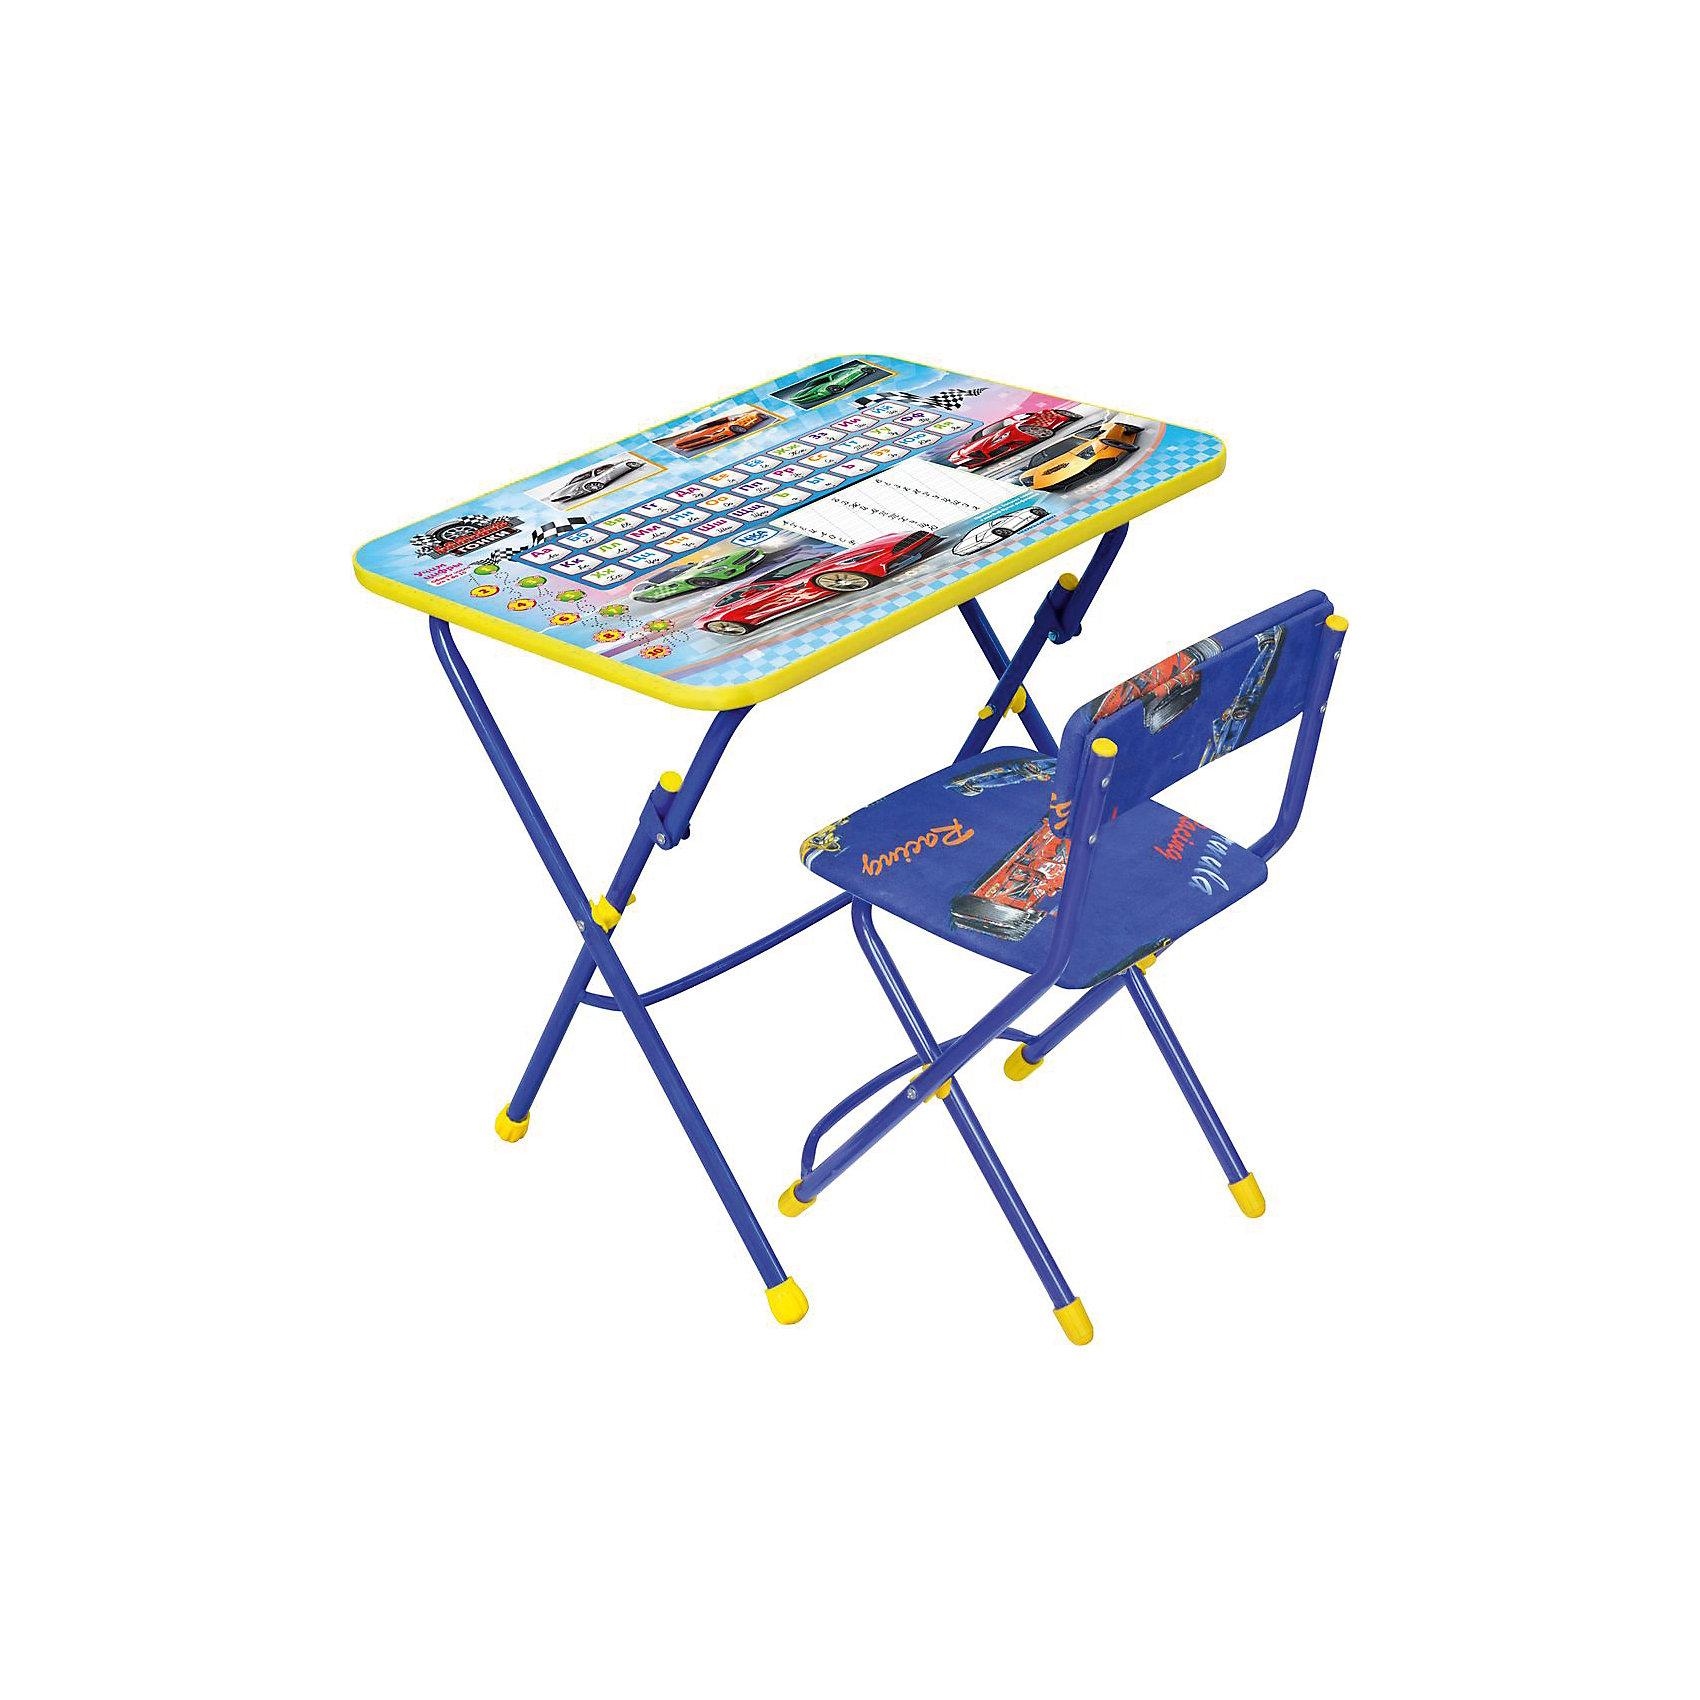 Набор мебели Никки КУ1/15 Большие гонки, НикаСтолы и стулья<br>Характеристики товара:<br><br>• материал: металл, пластик, текстиль<br>• размер столешницы: 60х45 см<br>• высота стола: 58 см<br>• сиденье: 31х27 см<br>• высота до сиденья: 32 см<br>• высота со спинкой 57 см<br>• подставка для ног<br>• стул с мягким сиденьем (флок)<br>• пенал<br>• складной<br>• на столешнице - полезные рисунки<br>• на ламинированной поверхности стола можно рисовать маркером на водной основе<br>• на ножках пластмассовые наконечники<br>• складной<br>• возраст: от 3 до 7 лет<br>• страна бренда: Российская Федерация<br>• страна производства: Российская Федерация<br><br>Детская мебель может быть удобной и эргономичной! Этот комплект разработан специально для детей от трех до семи лет. Он легко складывается и раскладывается, занимает немного места, легко моется. Каркас сделан из прочного, но легкого металла, а на ножках установлены пластмассовые наконечники для защиты напольного покрытия. Столешница украшена полезными познавательными рисунками. Отличное решение как для кормления малыша, так и для игр, творчества и обучения!<br>Правильно подобранная мебель помогает ребенку расти здоровым, формироваться правильной осанке. Изделие производится из качественных сертифицированных материалов, безопасных даже для самых маленьких.<br><br>Набор мебели Никки КУ1/15 Большие гонки от бренда Ника можно купить в нашем интернет-магазине.<br><br>Ширина мм: 750<br>Глубина мм: 155<br>Высота мм: 610<br>Вес г: 8080<br>Возраст от месяцев: 36<br>Возраст до месяцев: 84<br>Пол: Мужской<br>Возраст: Детский<br>SKU: 5223621